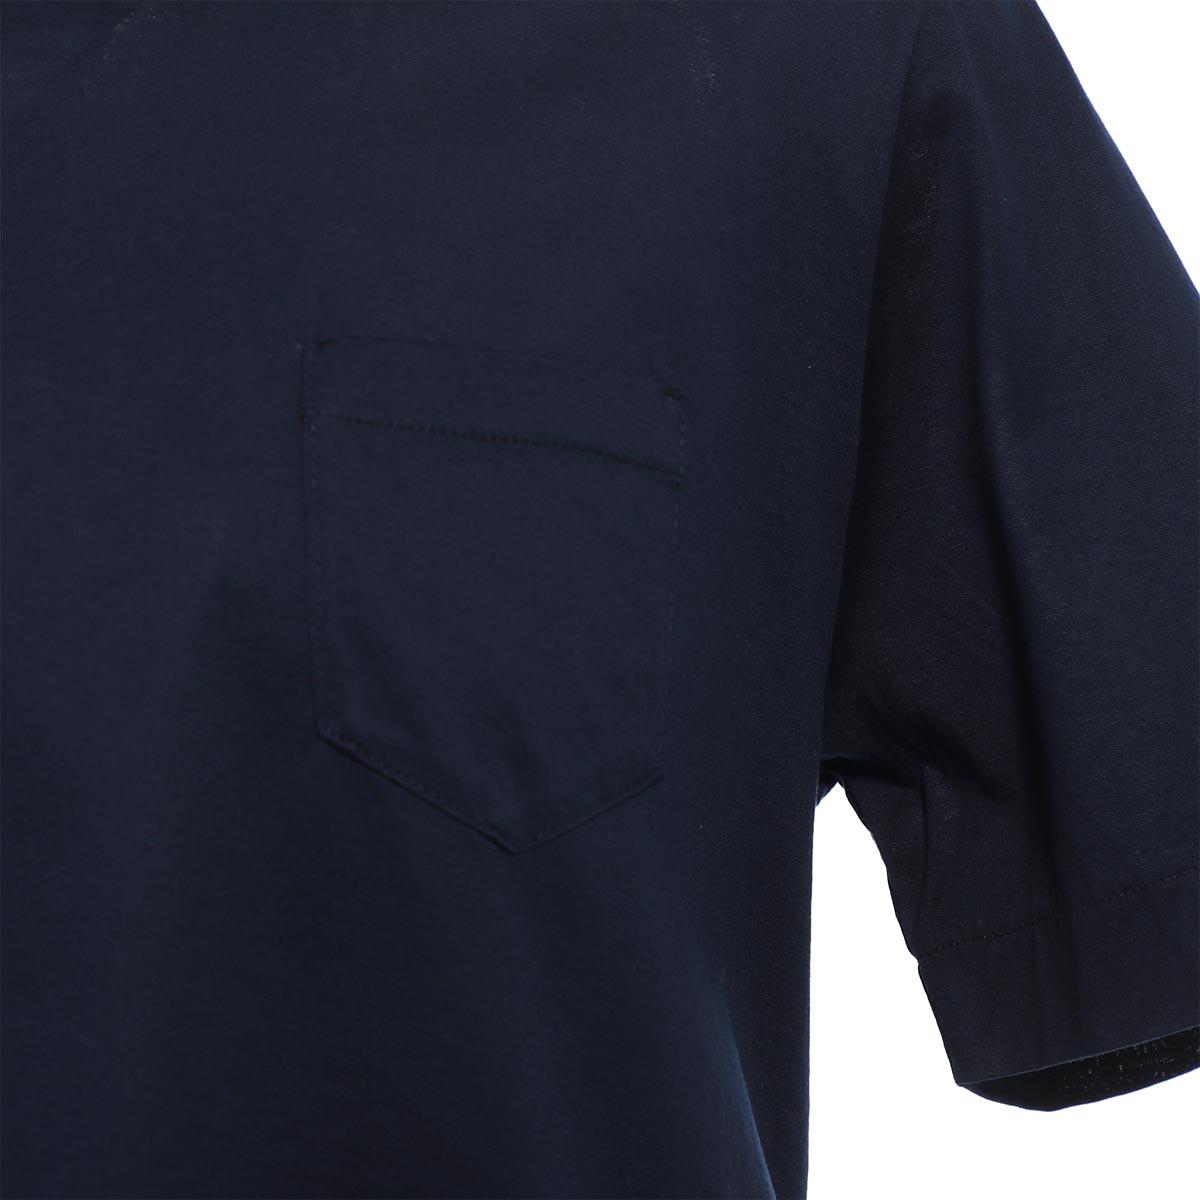 【アウトレット】CIRCOLO 1901 チルコロ クルーネックTシャツ/T-SHIRT JERSEY メンズ